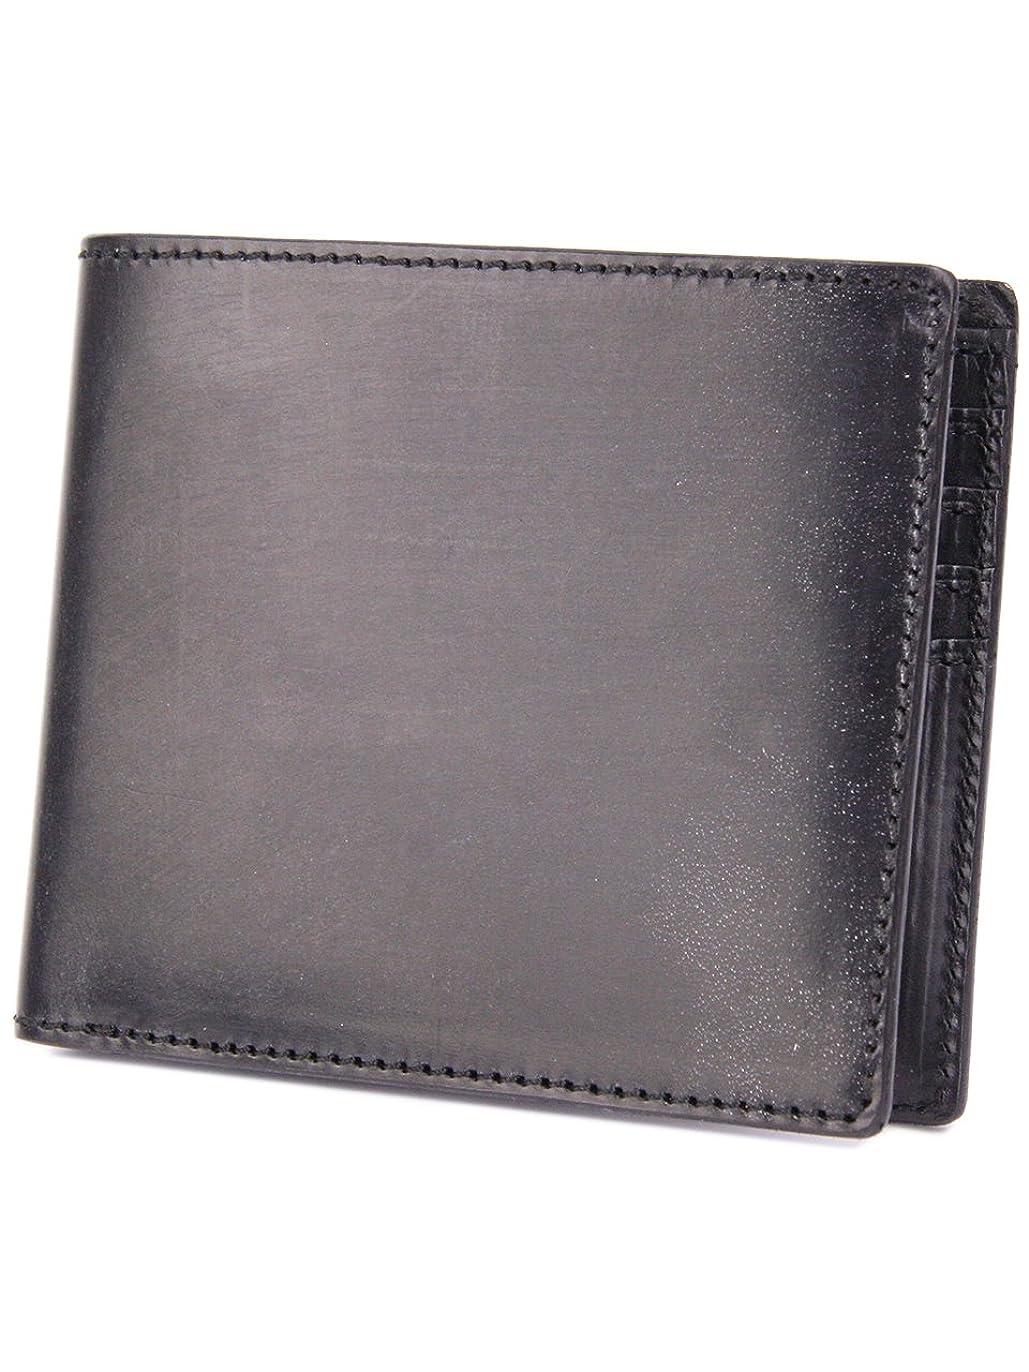 バンジョー中庭過度に[コルボ] CORBO. -face Bridle Leather- フェイス ブライドルレザー シリーズ 二つ折り財布 1LD-0228 CO-1LD-0228